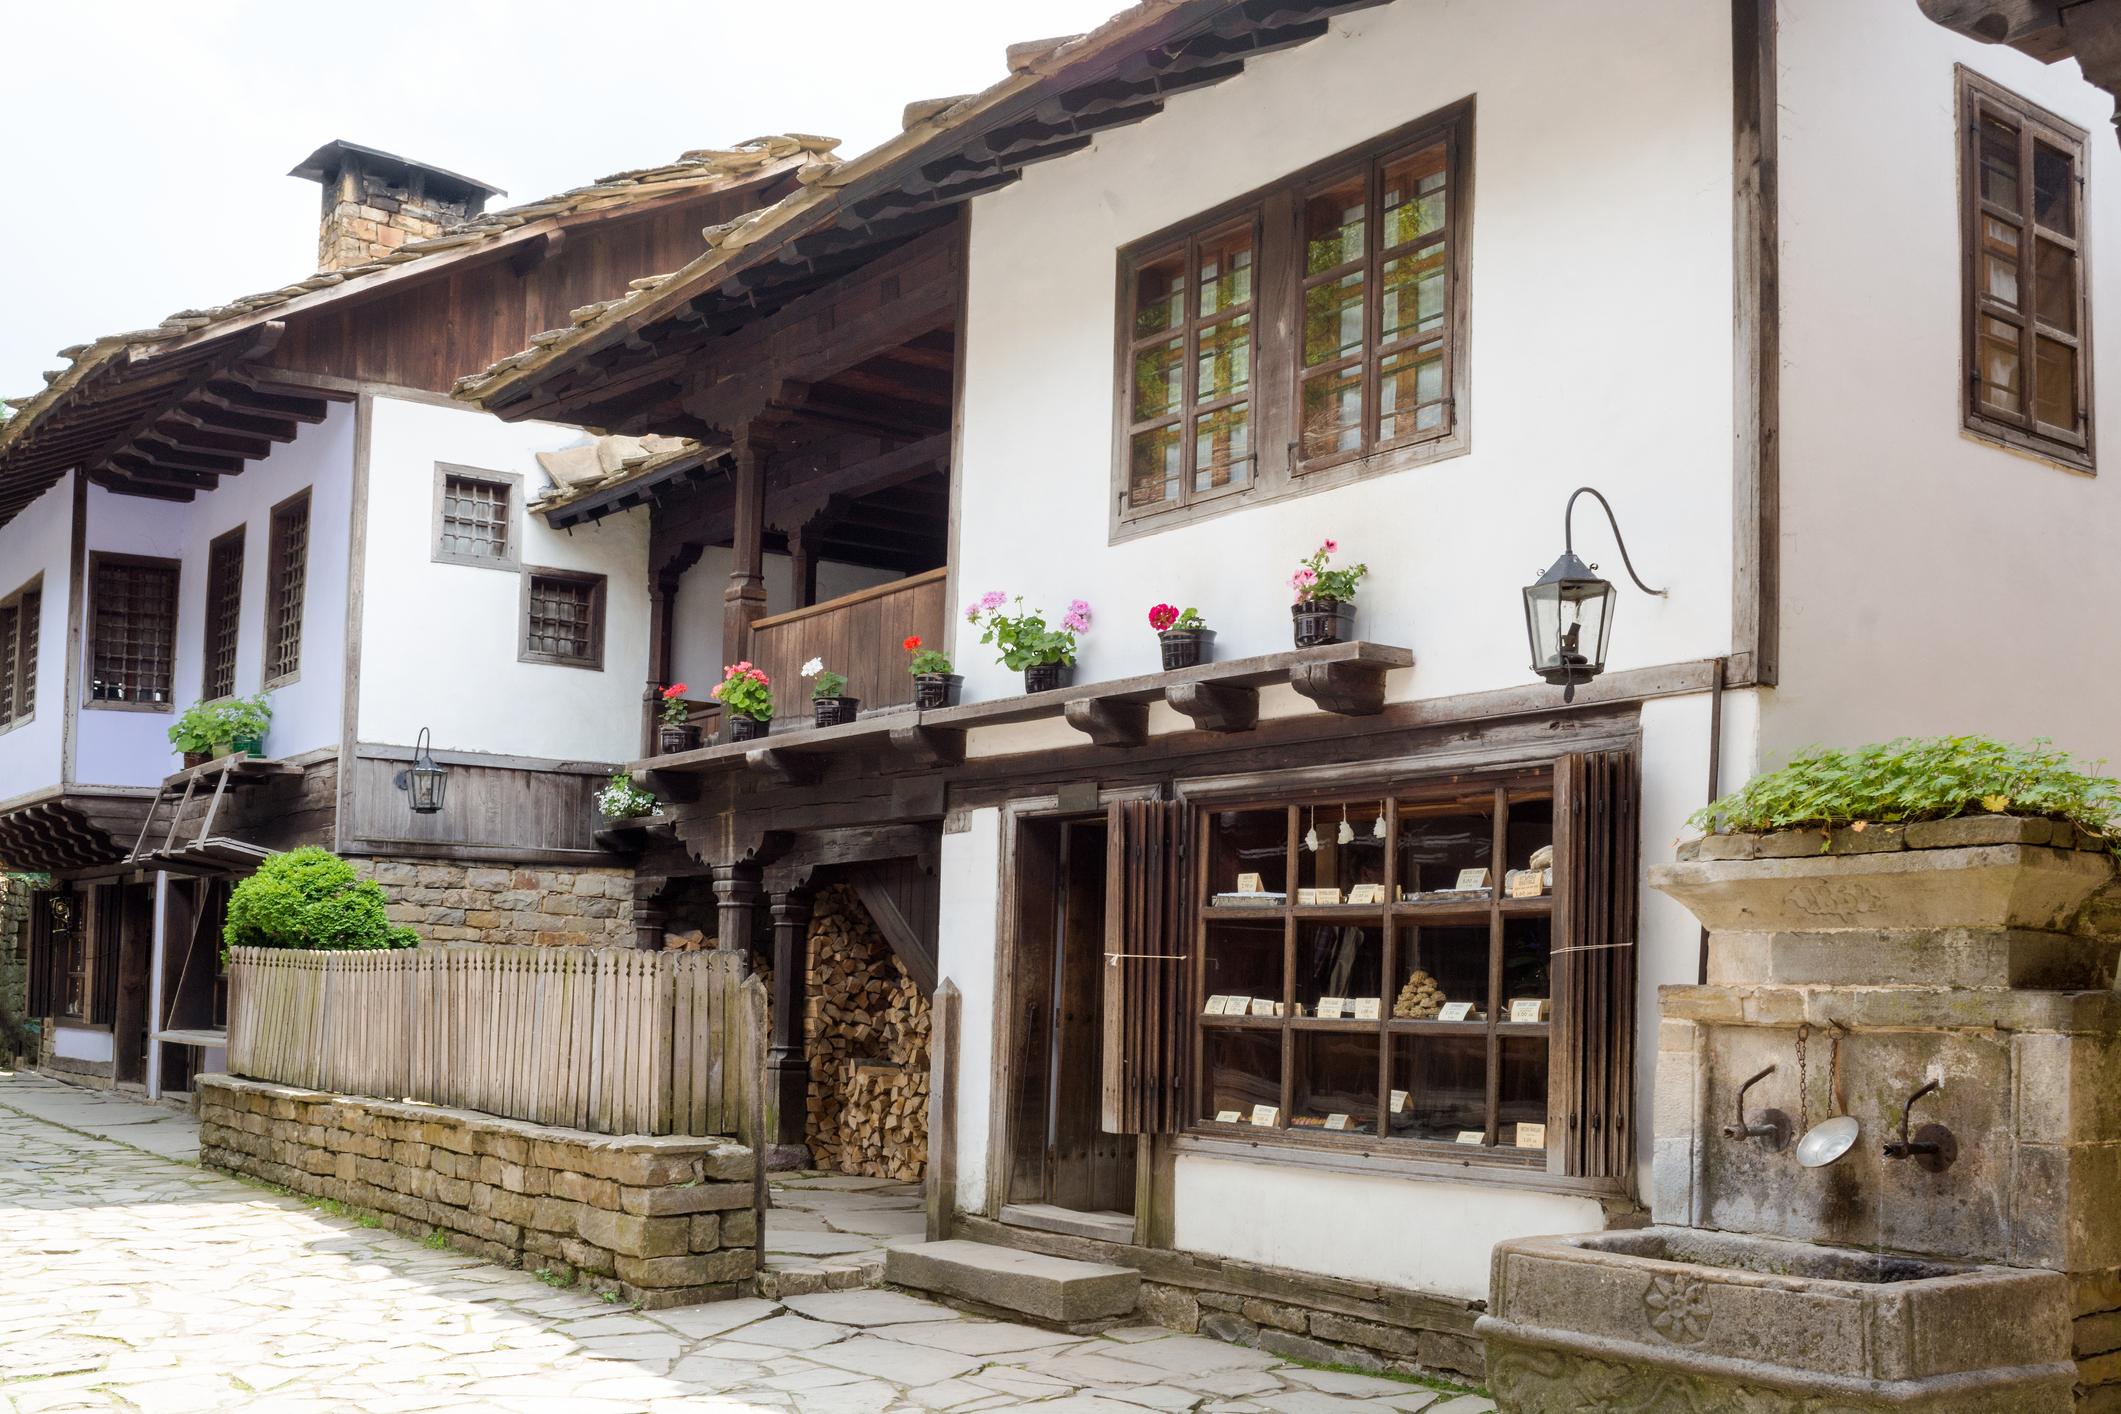 <p>Етнографски музей на открито &bdquo;Етър&ldquo;, или&nbsp;Етъра, е&nbsp;музей на открито&nbsp;в едноименния квартал на&nbsp;Габрово.</p>